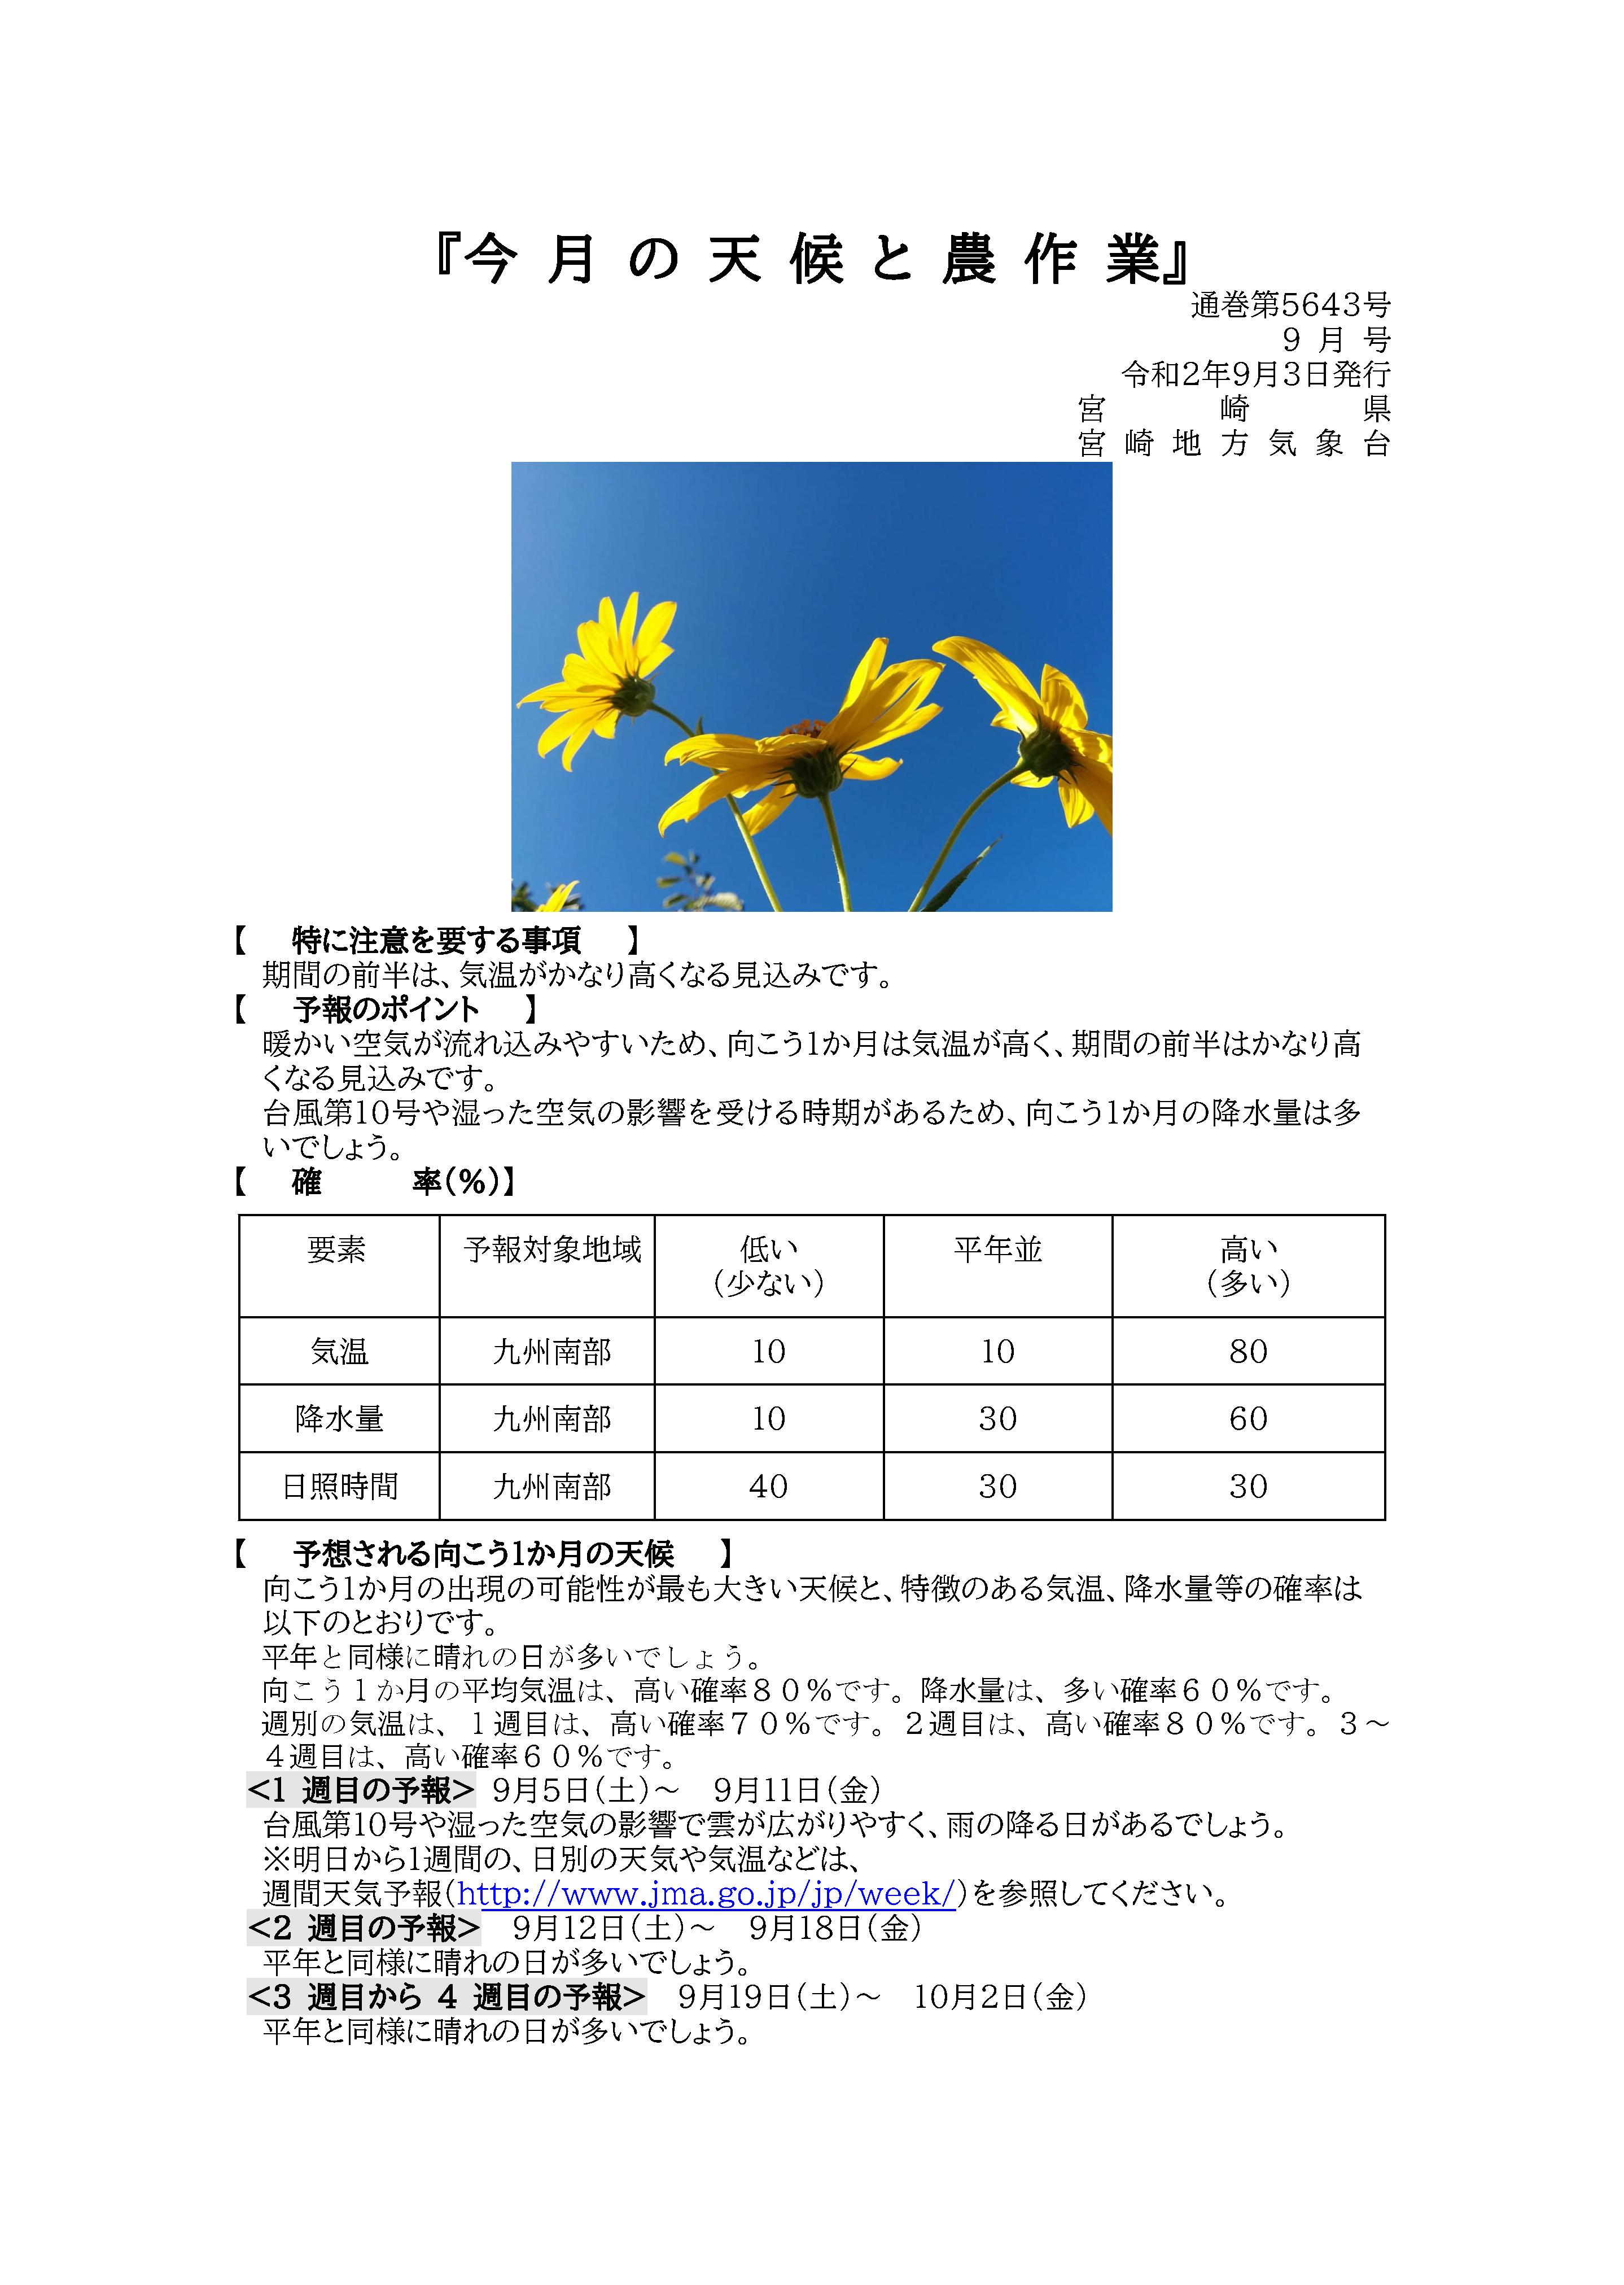 今月の天候と農作業2020年9月版